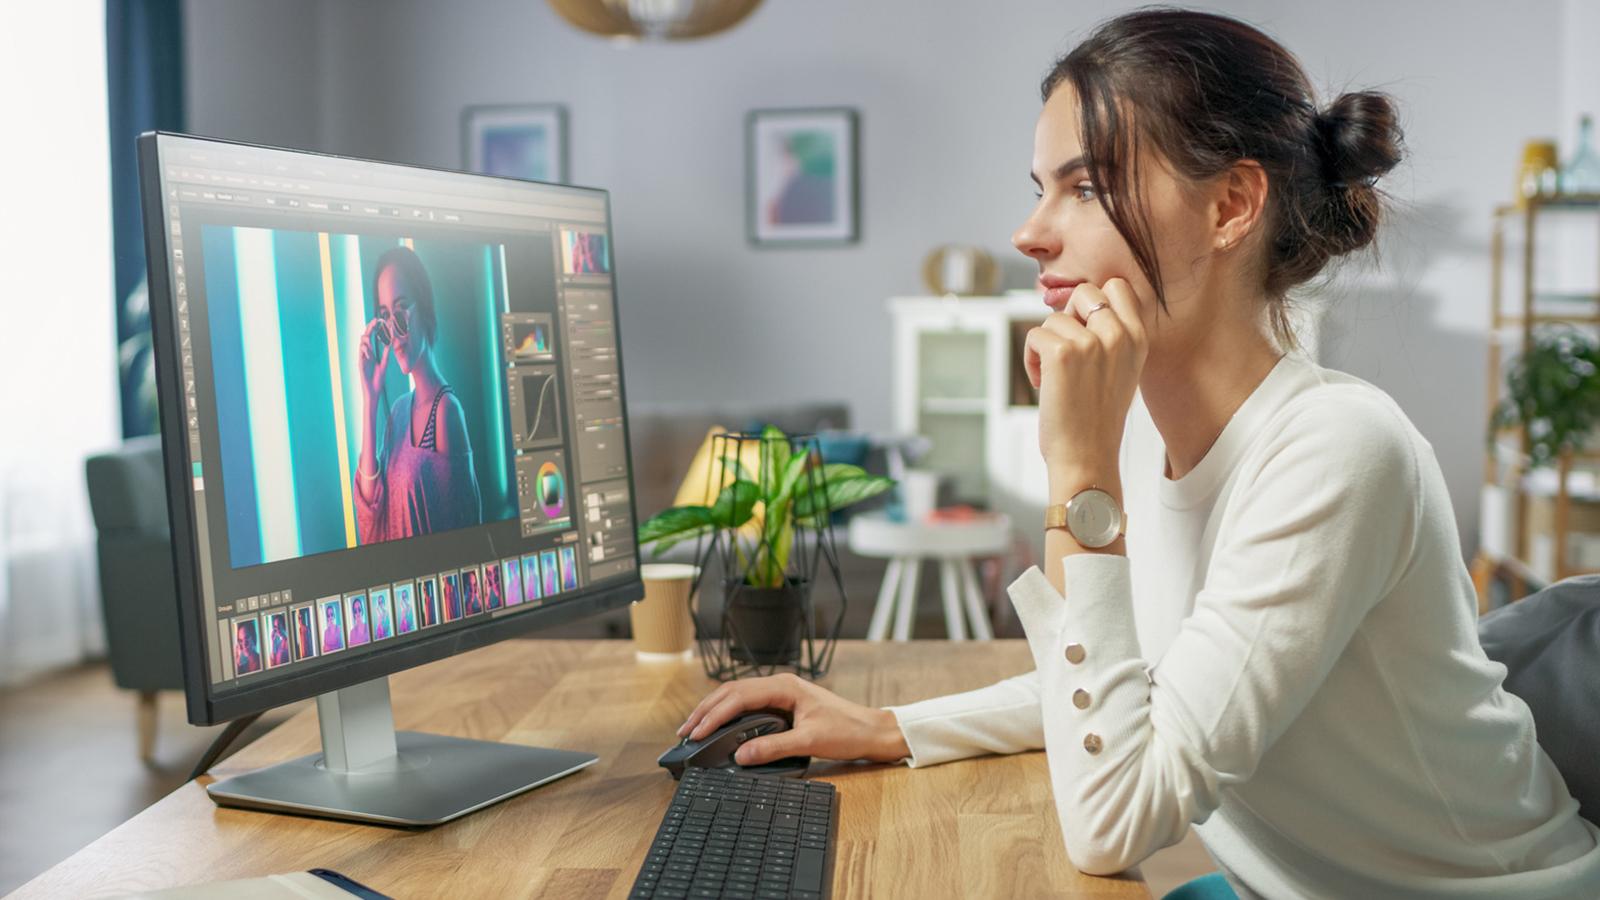 Valaki próbált már otthon, a számítógép előtt ülve pénzt keresni az interneten?